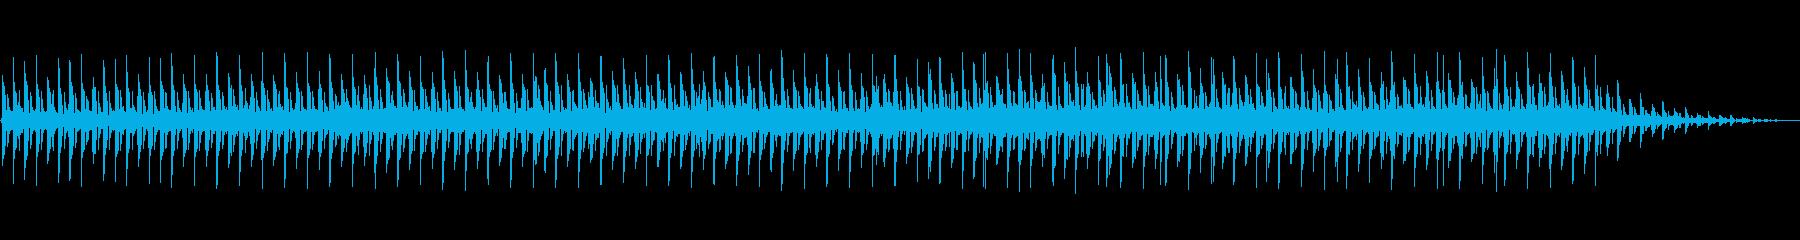 ディープ・ハウス。アンビエント。電子。の再生済みの波形